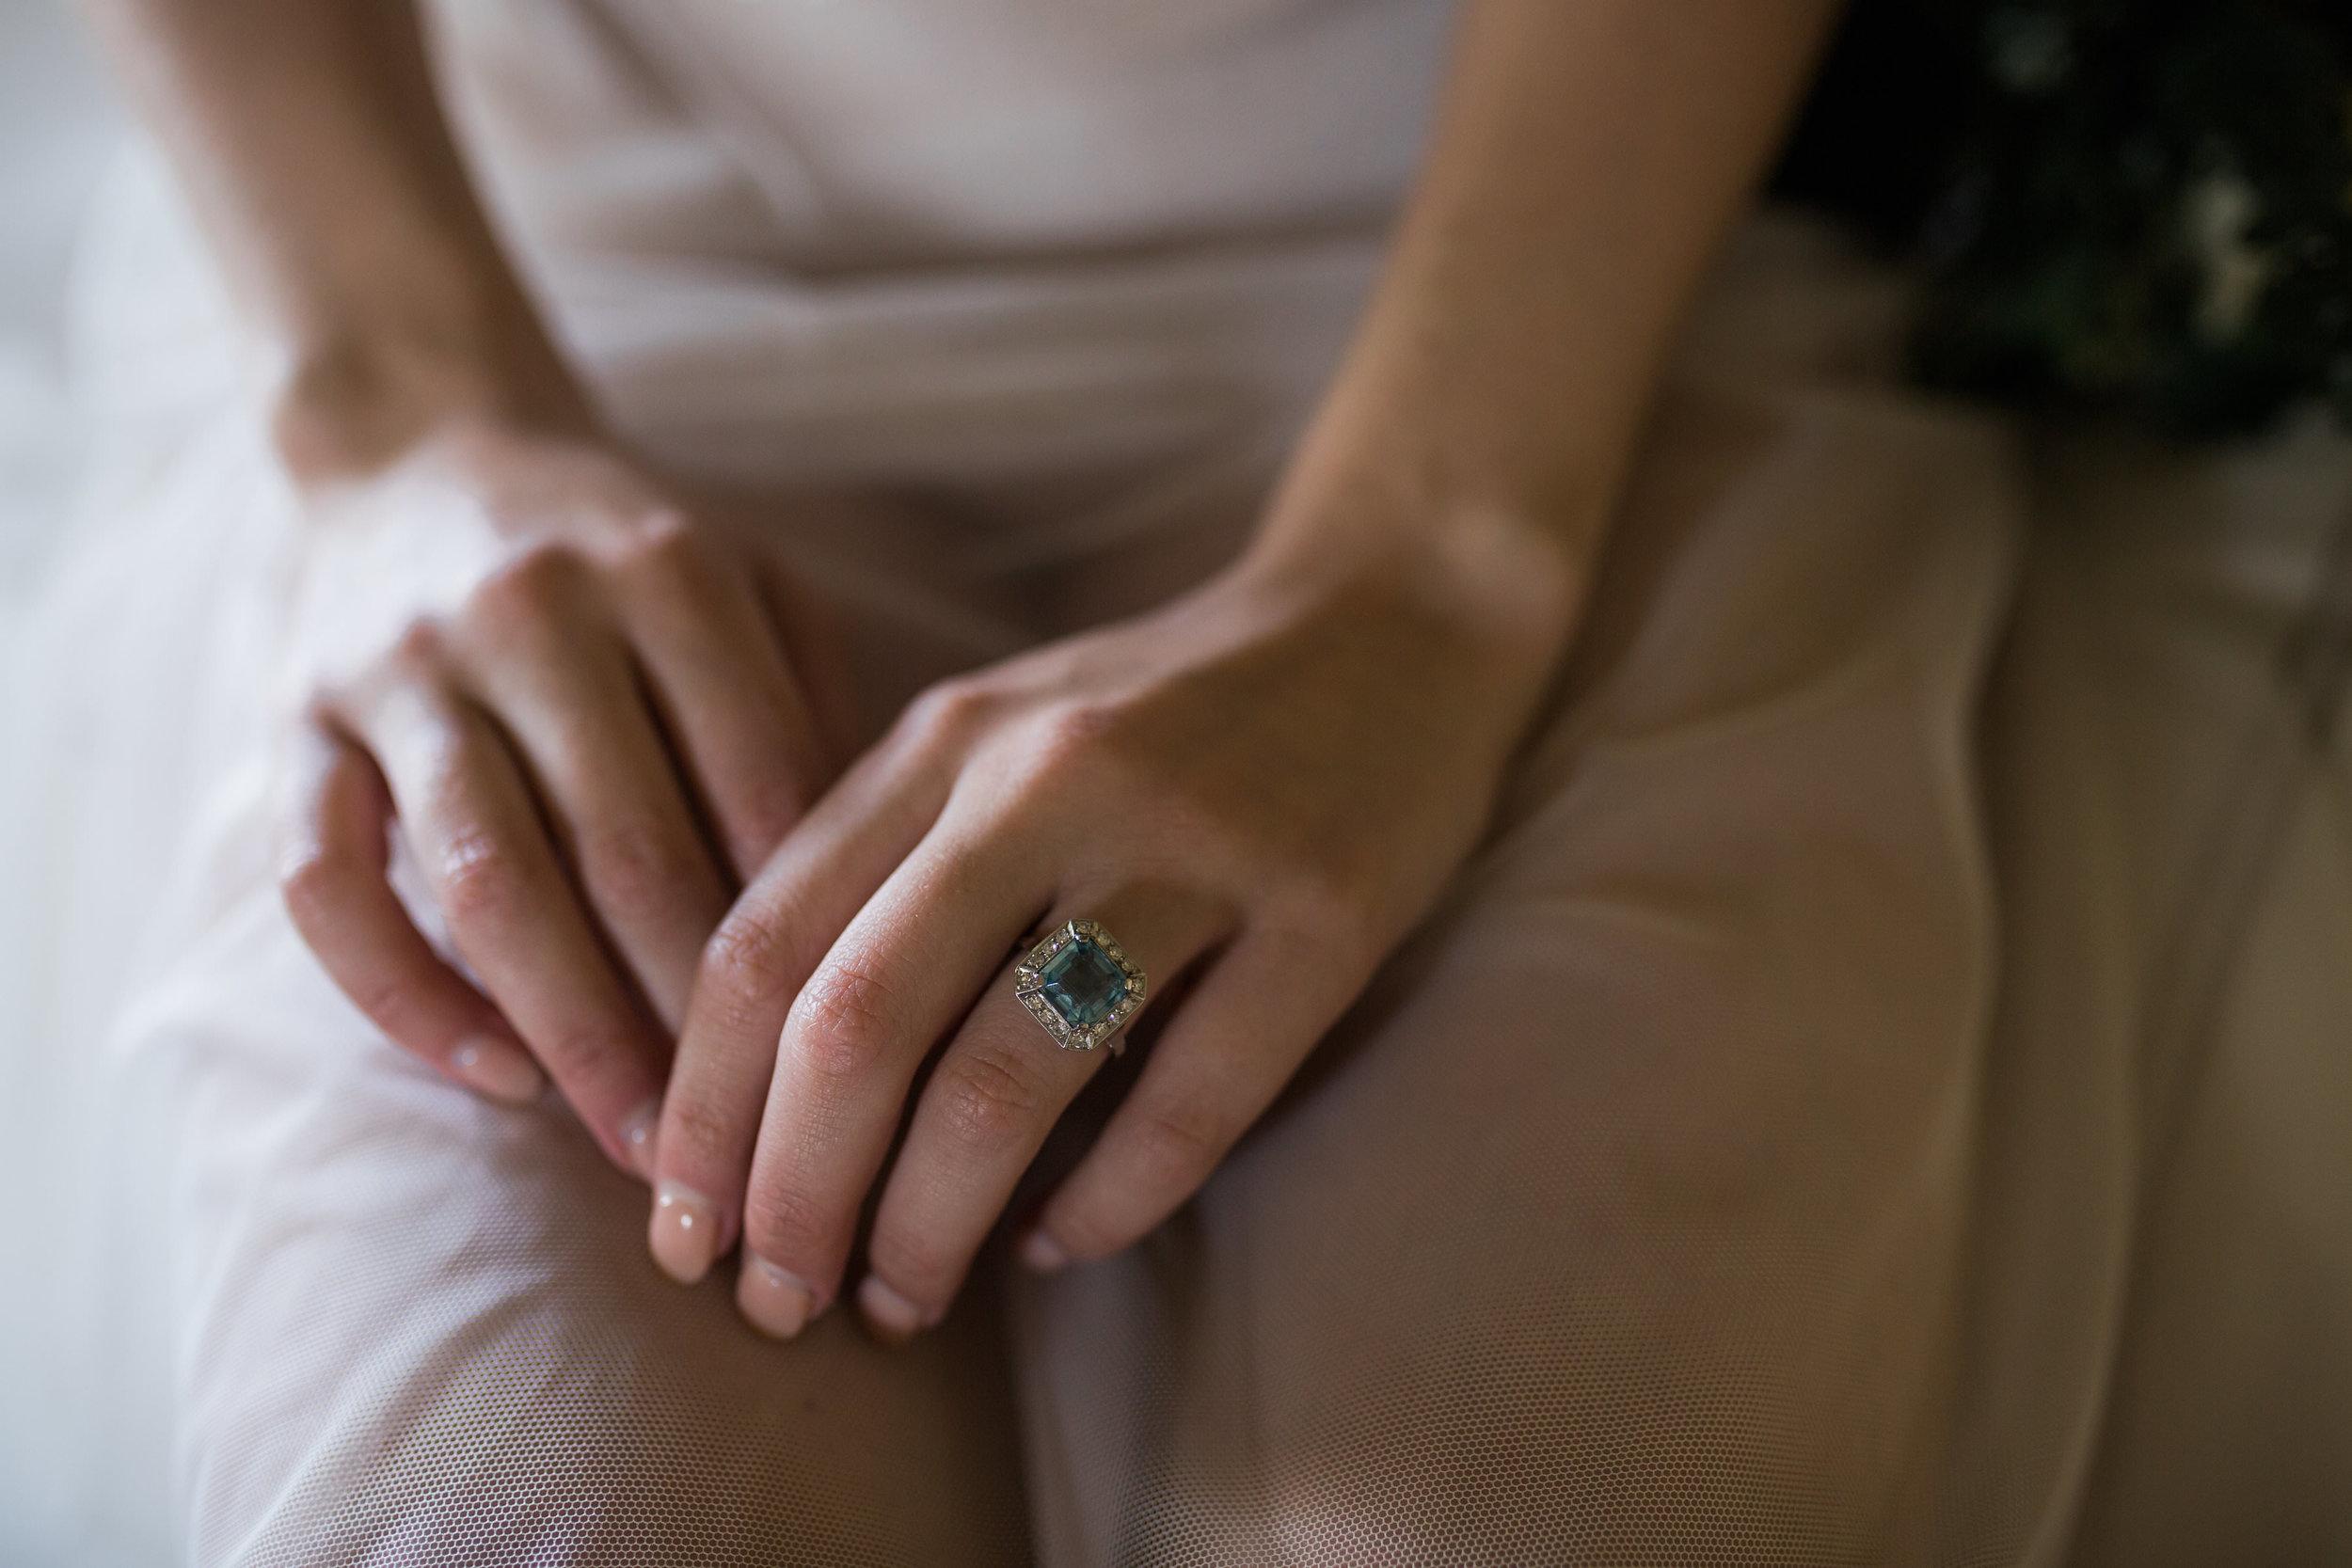 Melbourne based wedding planner